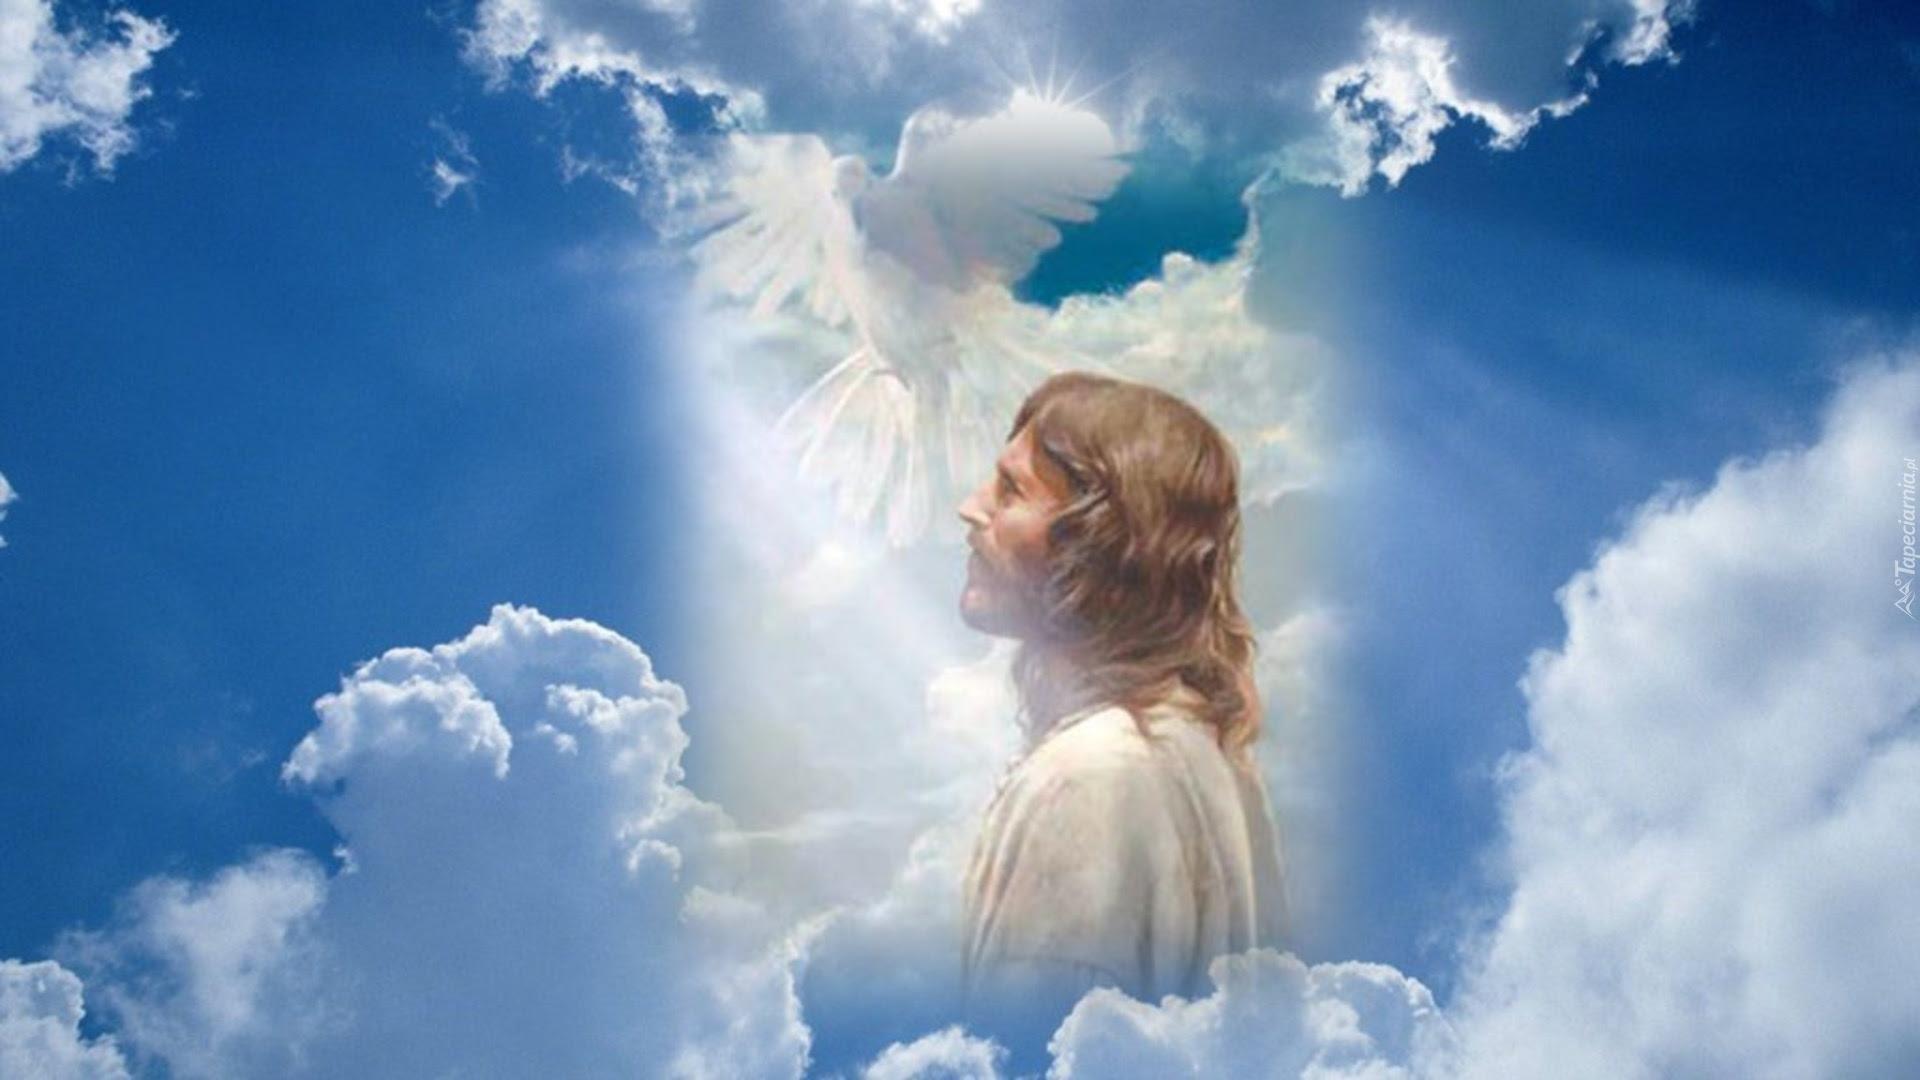 Jezus, Światło, Chmury, Gołąb